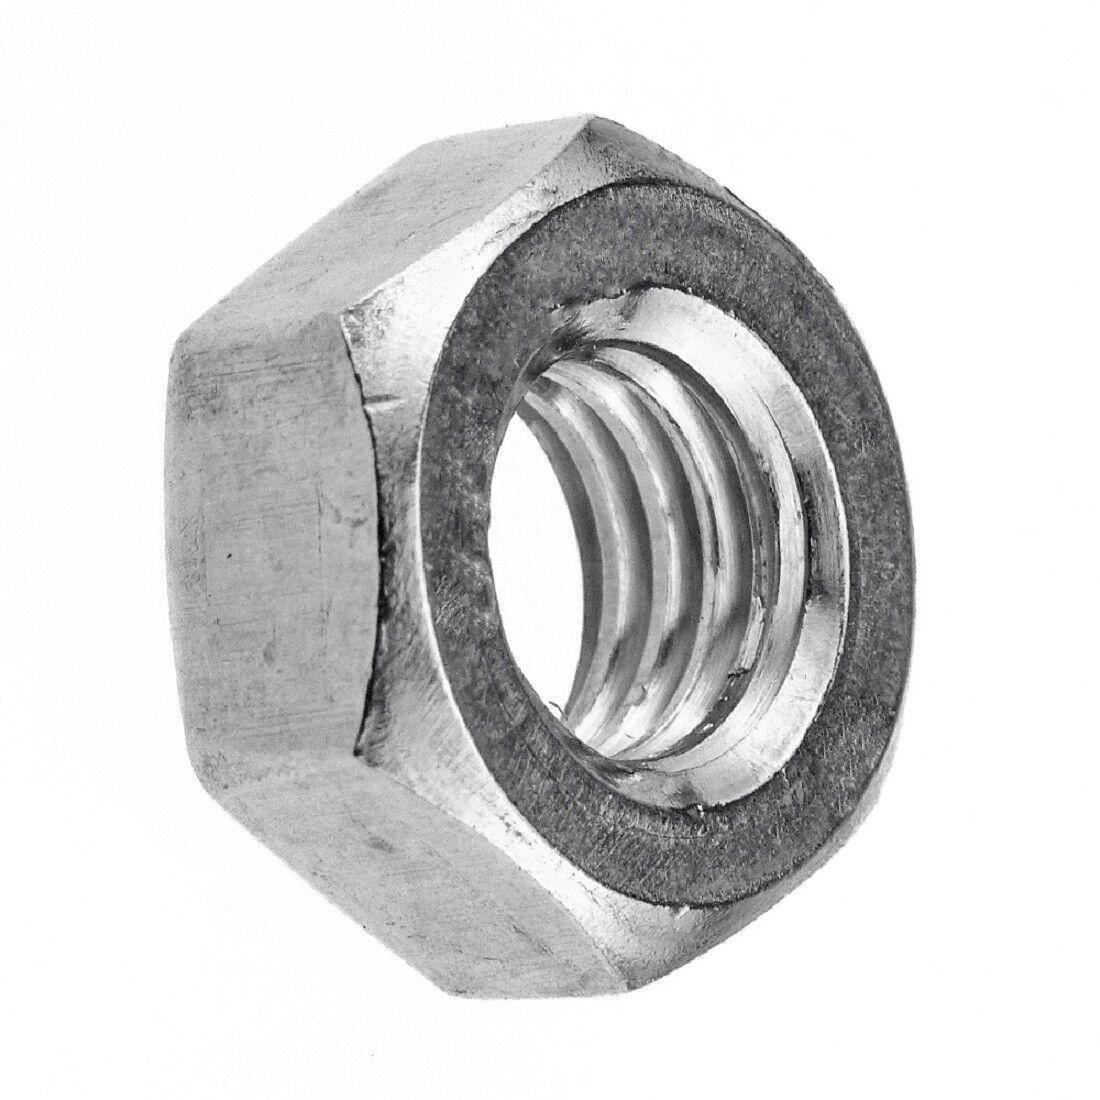 Sechskantmuttern 6-kant Muttern - DIN 934 - DIN EN ISO 4032 - Edelstahl A2 blank